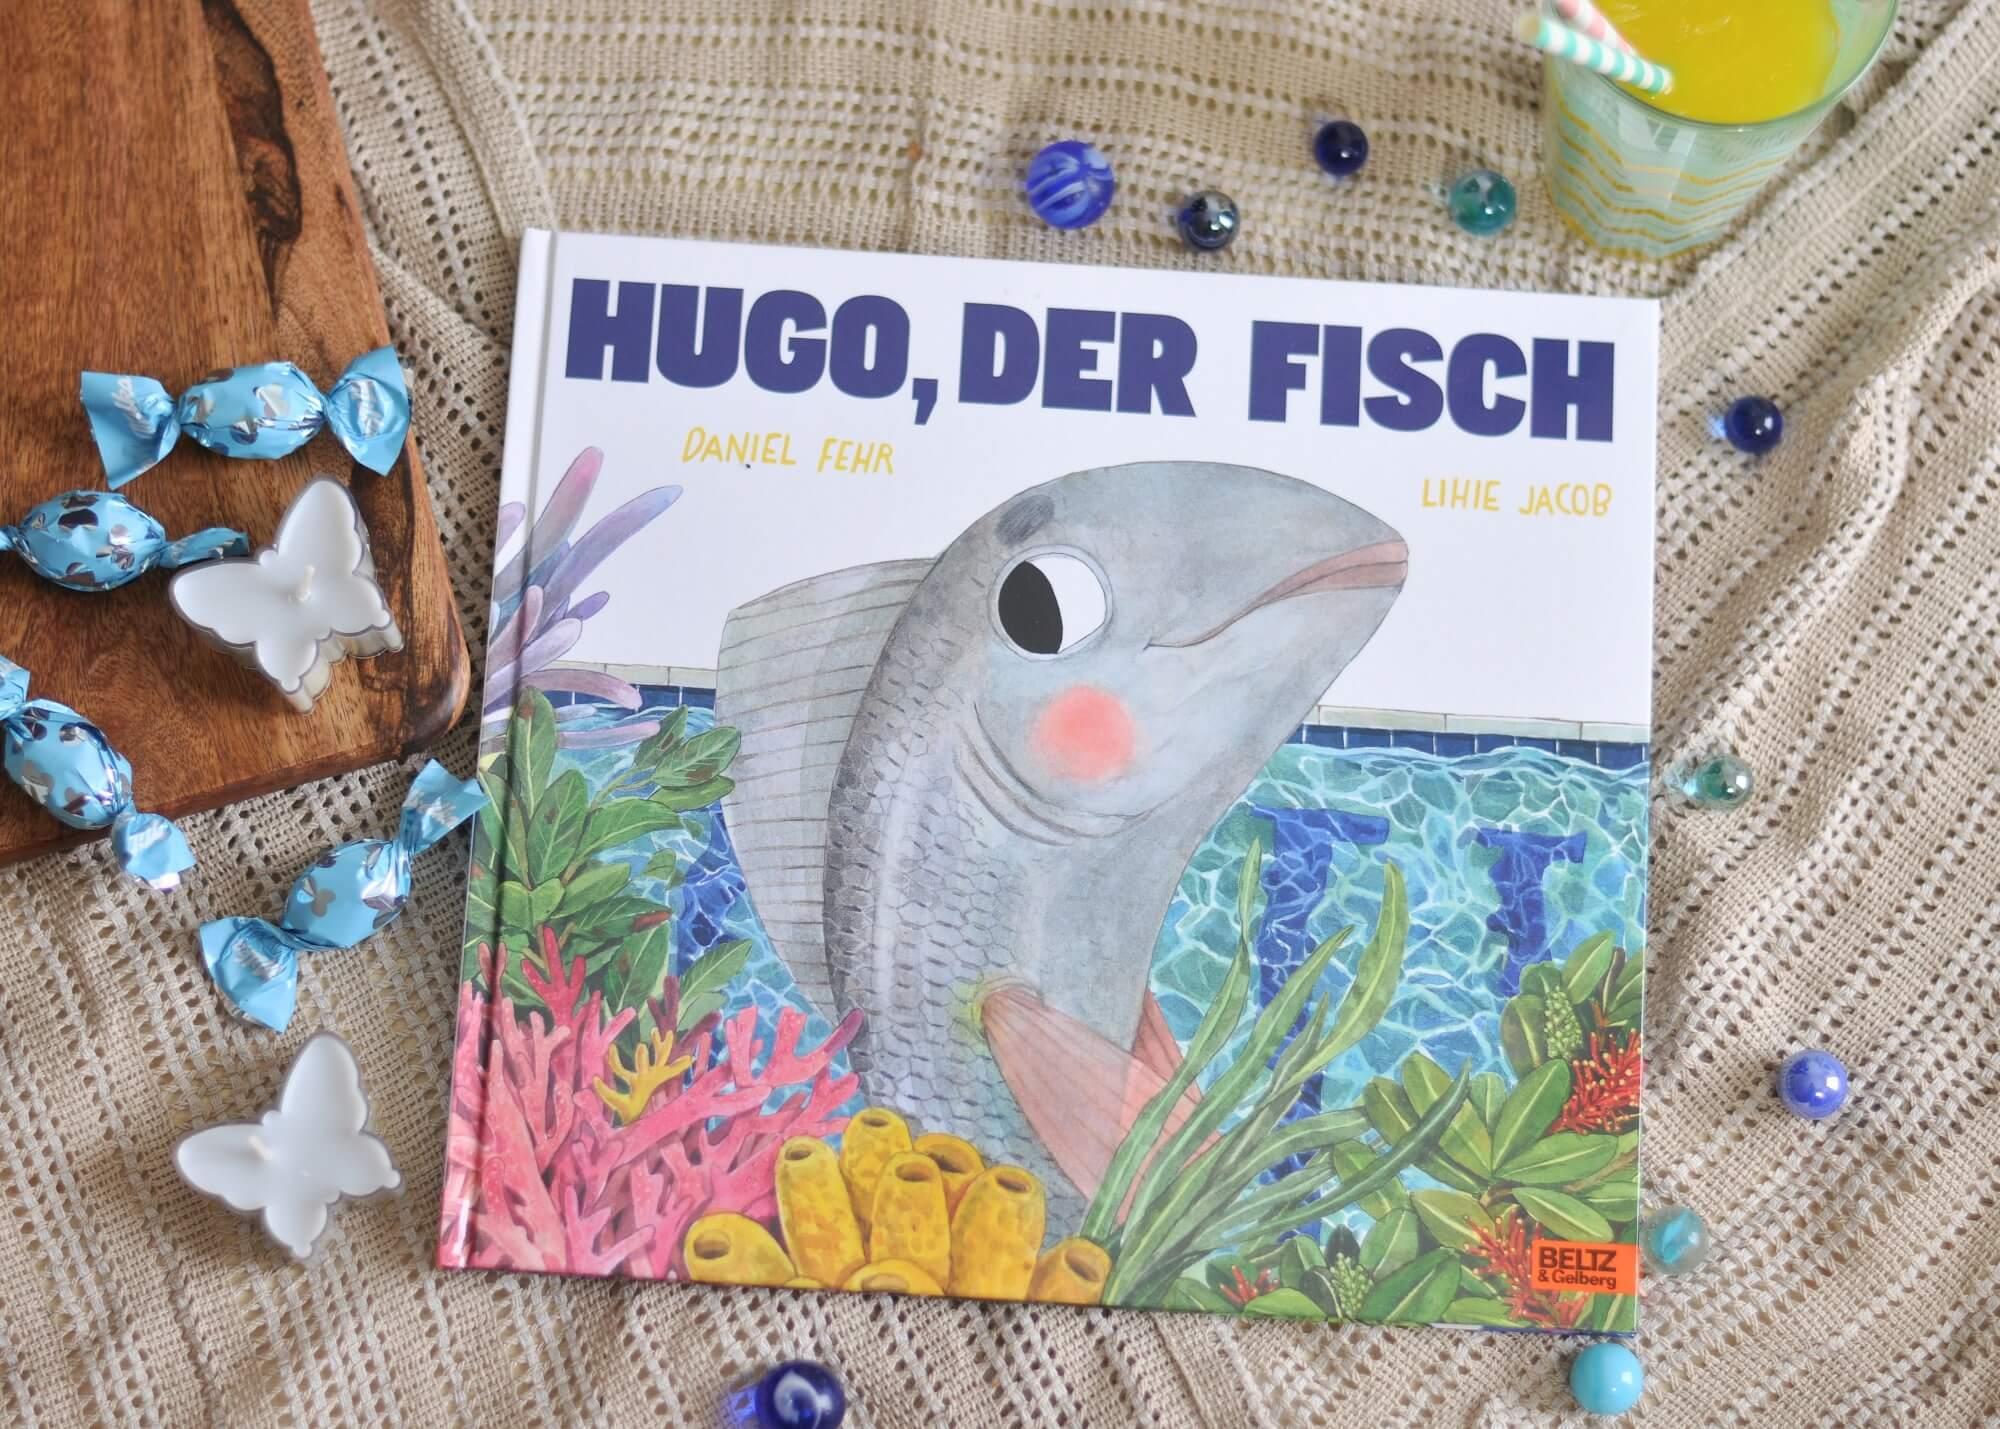 In Hugo, der Fisch von Daniel Fehr wird mit einer riesen Portion Humor und leuchtend skurrilen Bildern auf das Thema Scham eingegangen. Und dass es auch vollkommen ok ist, gegen den Strom zu schwimmen. #hugo #fisch #kinderbuch #scham #lesen #vorlesen #schwimmen #baden #sommer